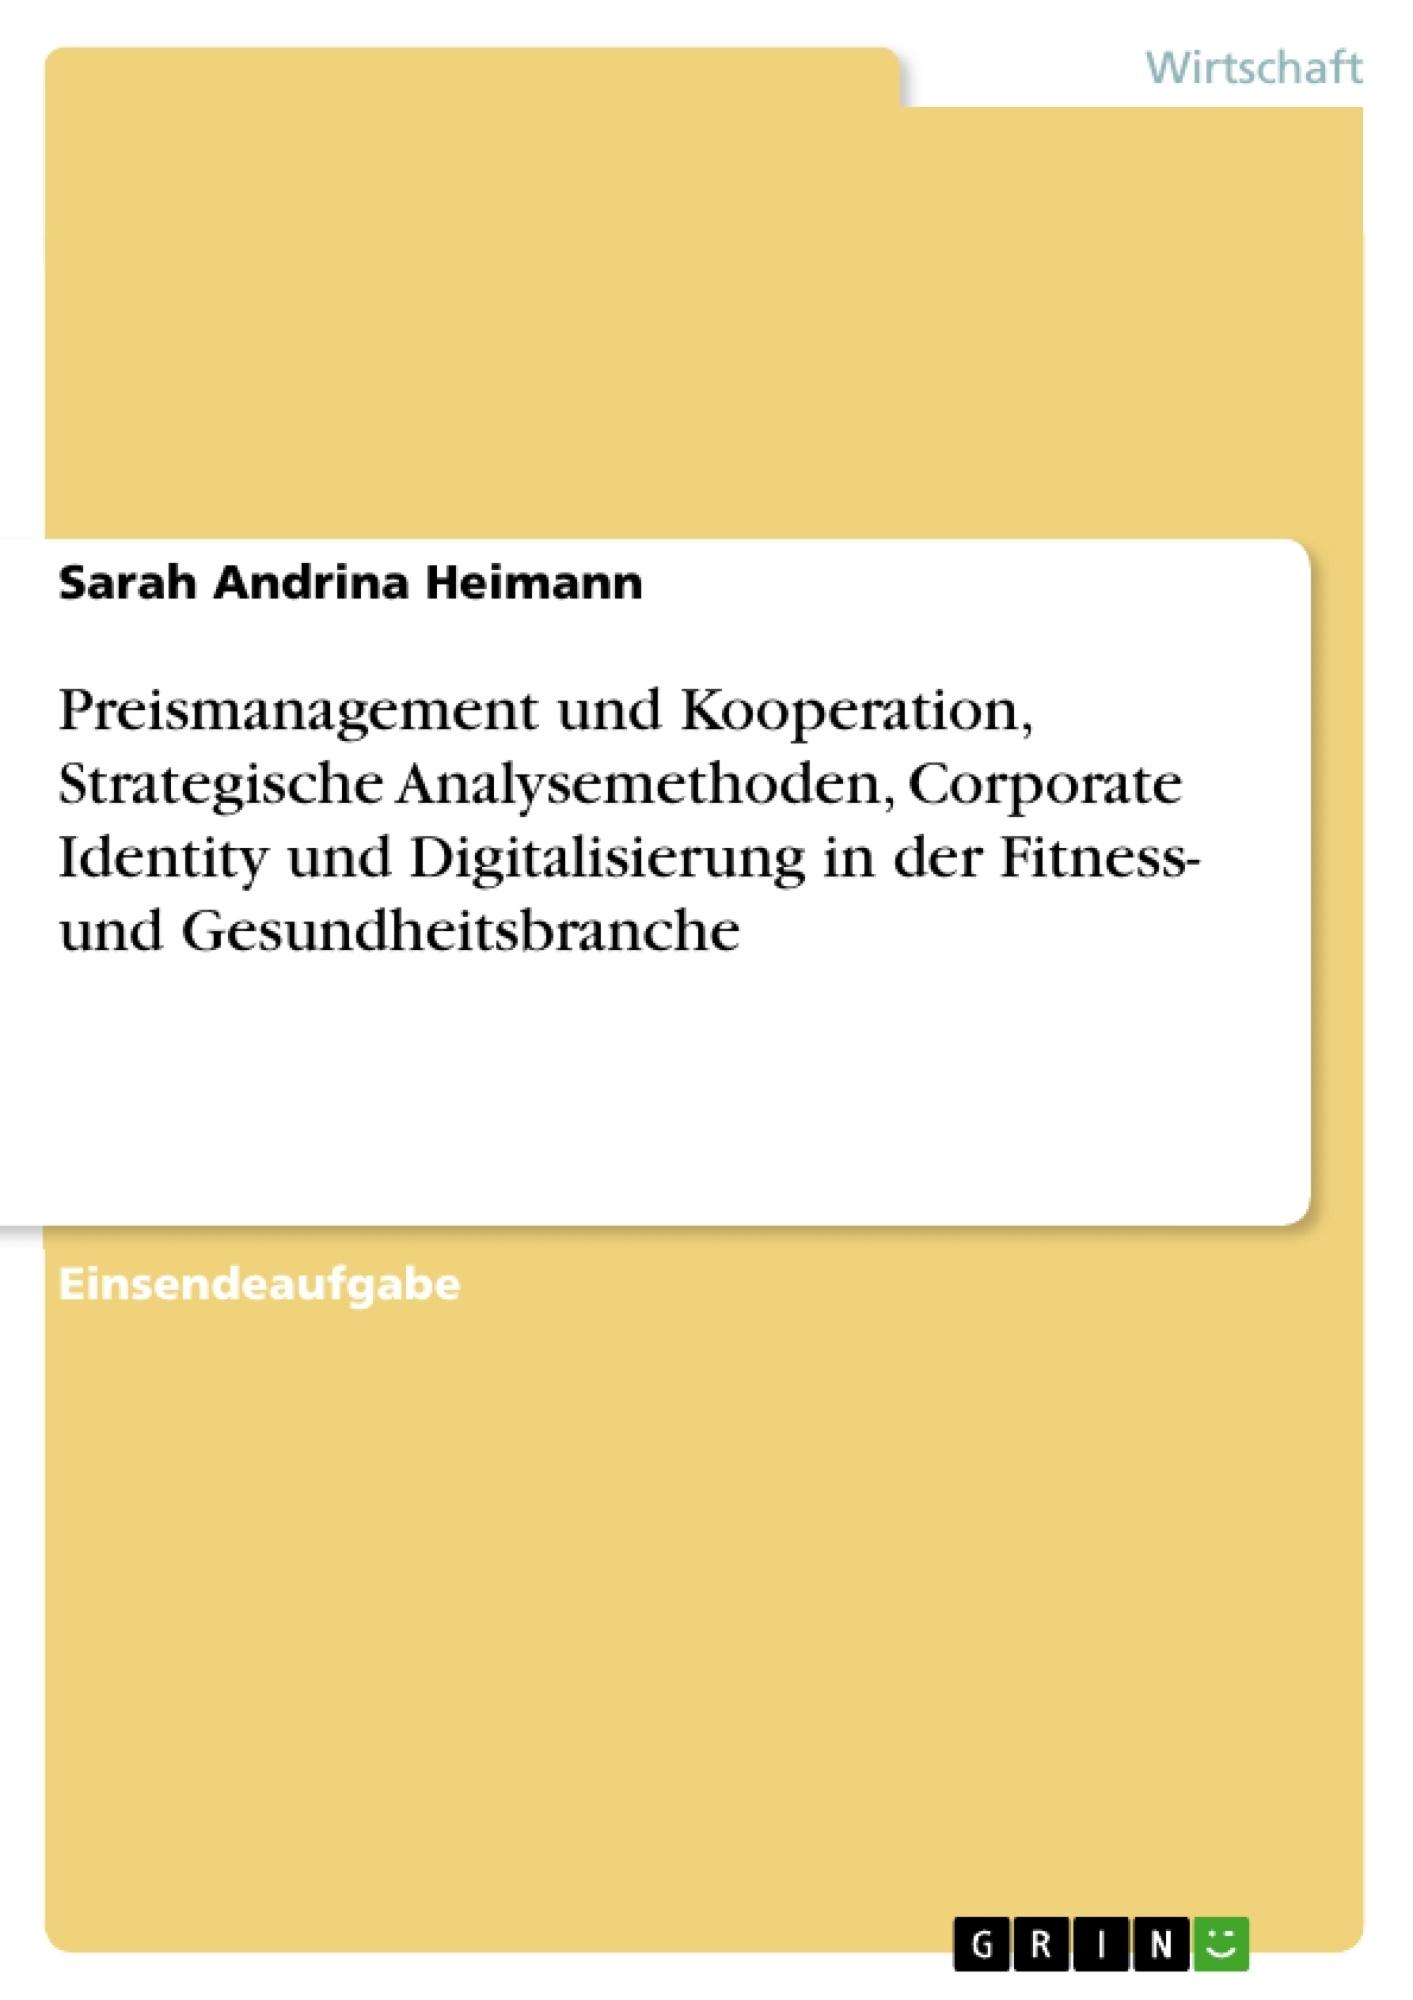 Titel: Preismanagement und Kooperation, Strategische Analysemethoden, Corporate Identity und Digitalisierung in der Fitness- und Gesundheitsbranche